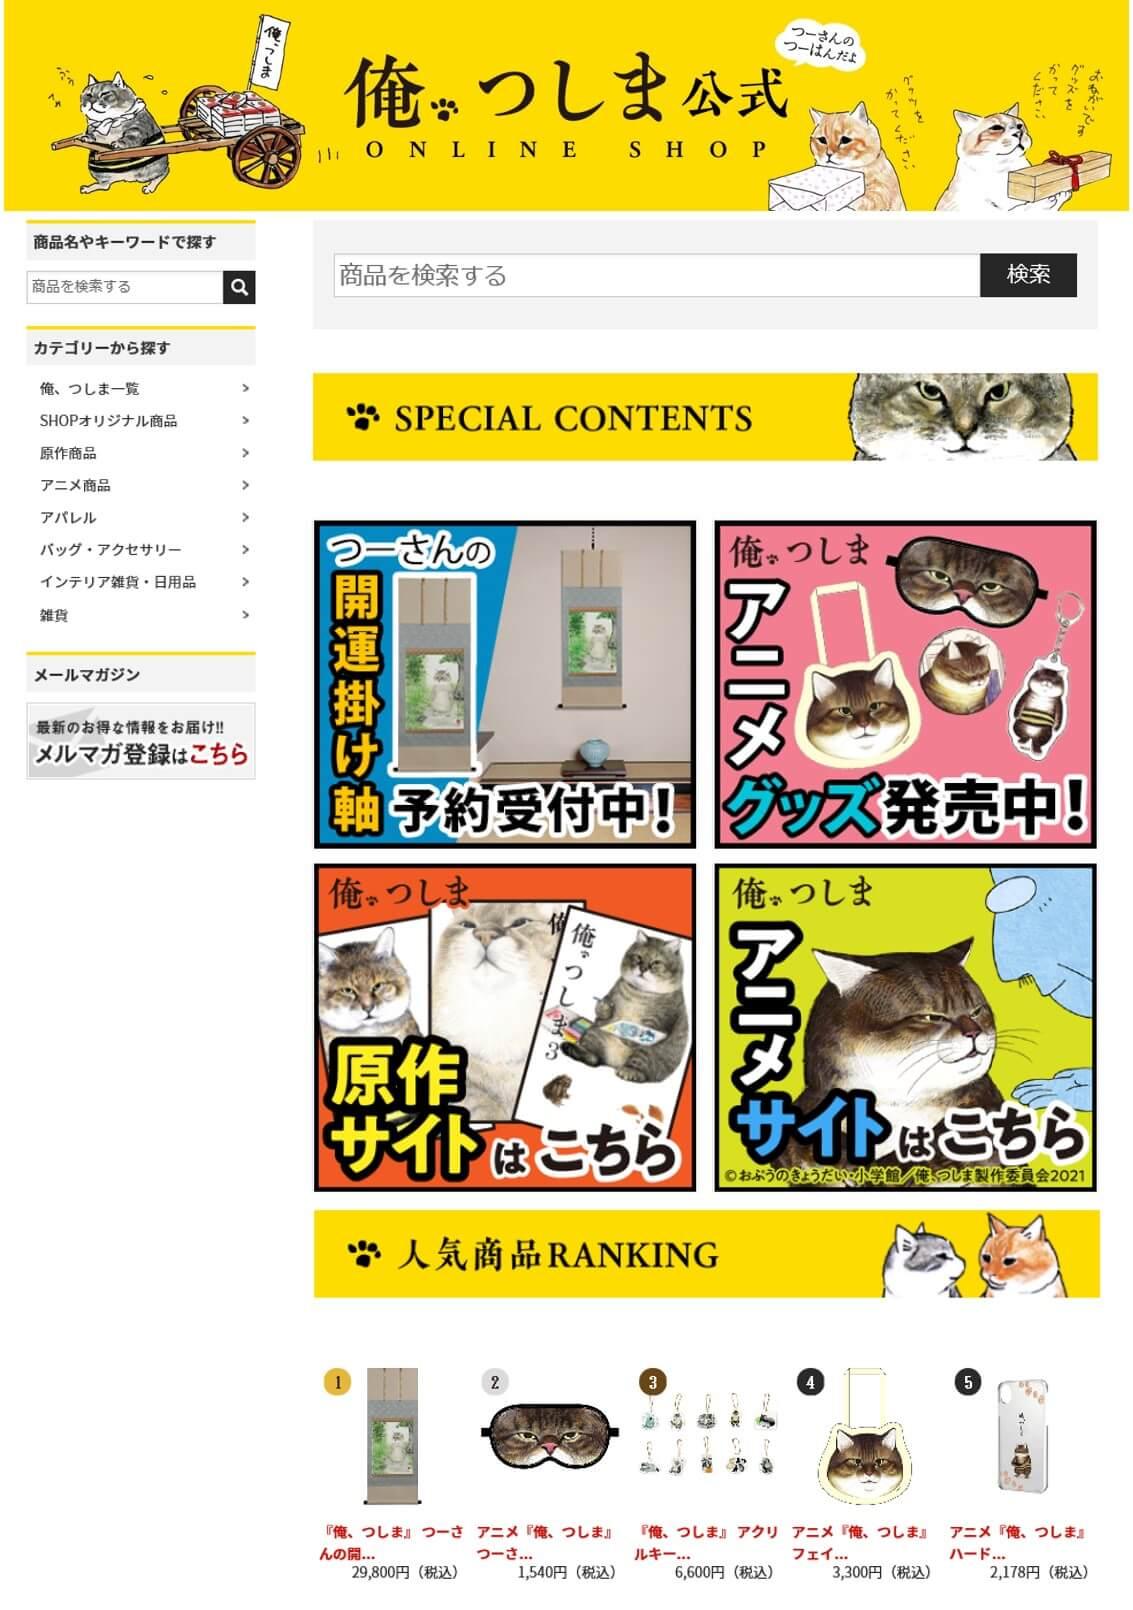 猫マンガ「俺、つしま」の公式通販サイト「俺、つしま 公式ONLINE SHOP」の画面イメージ